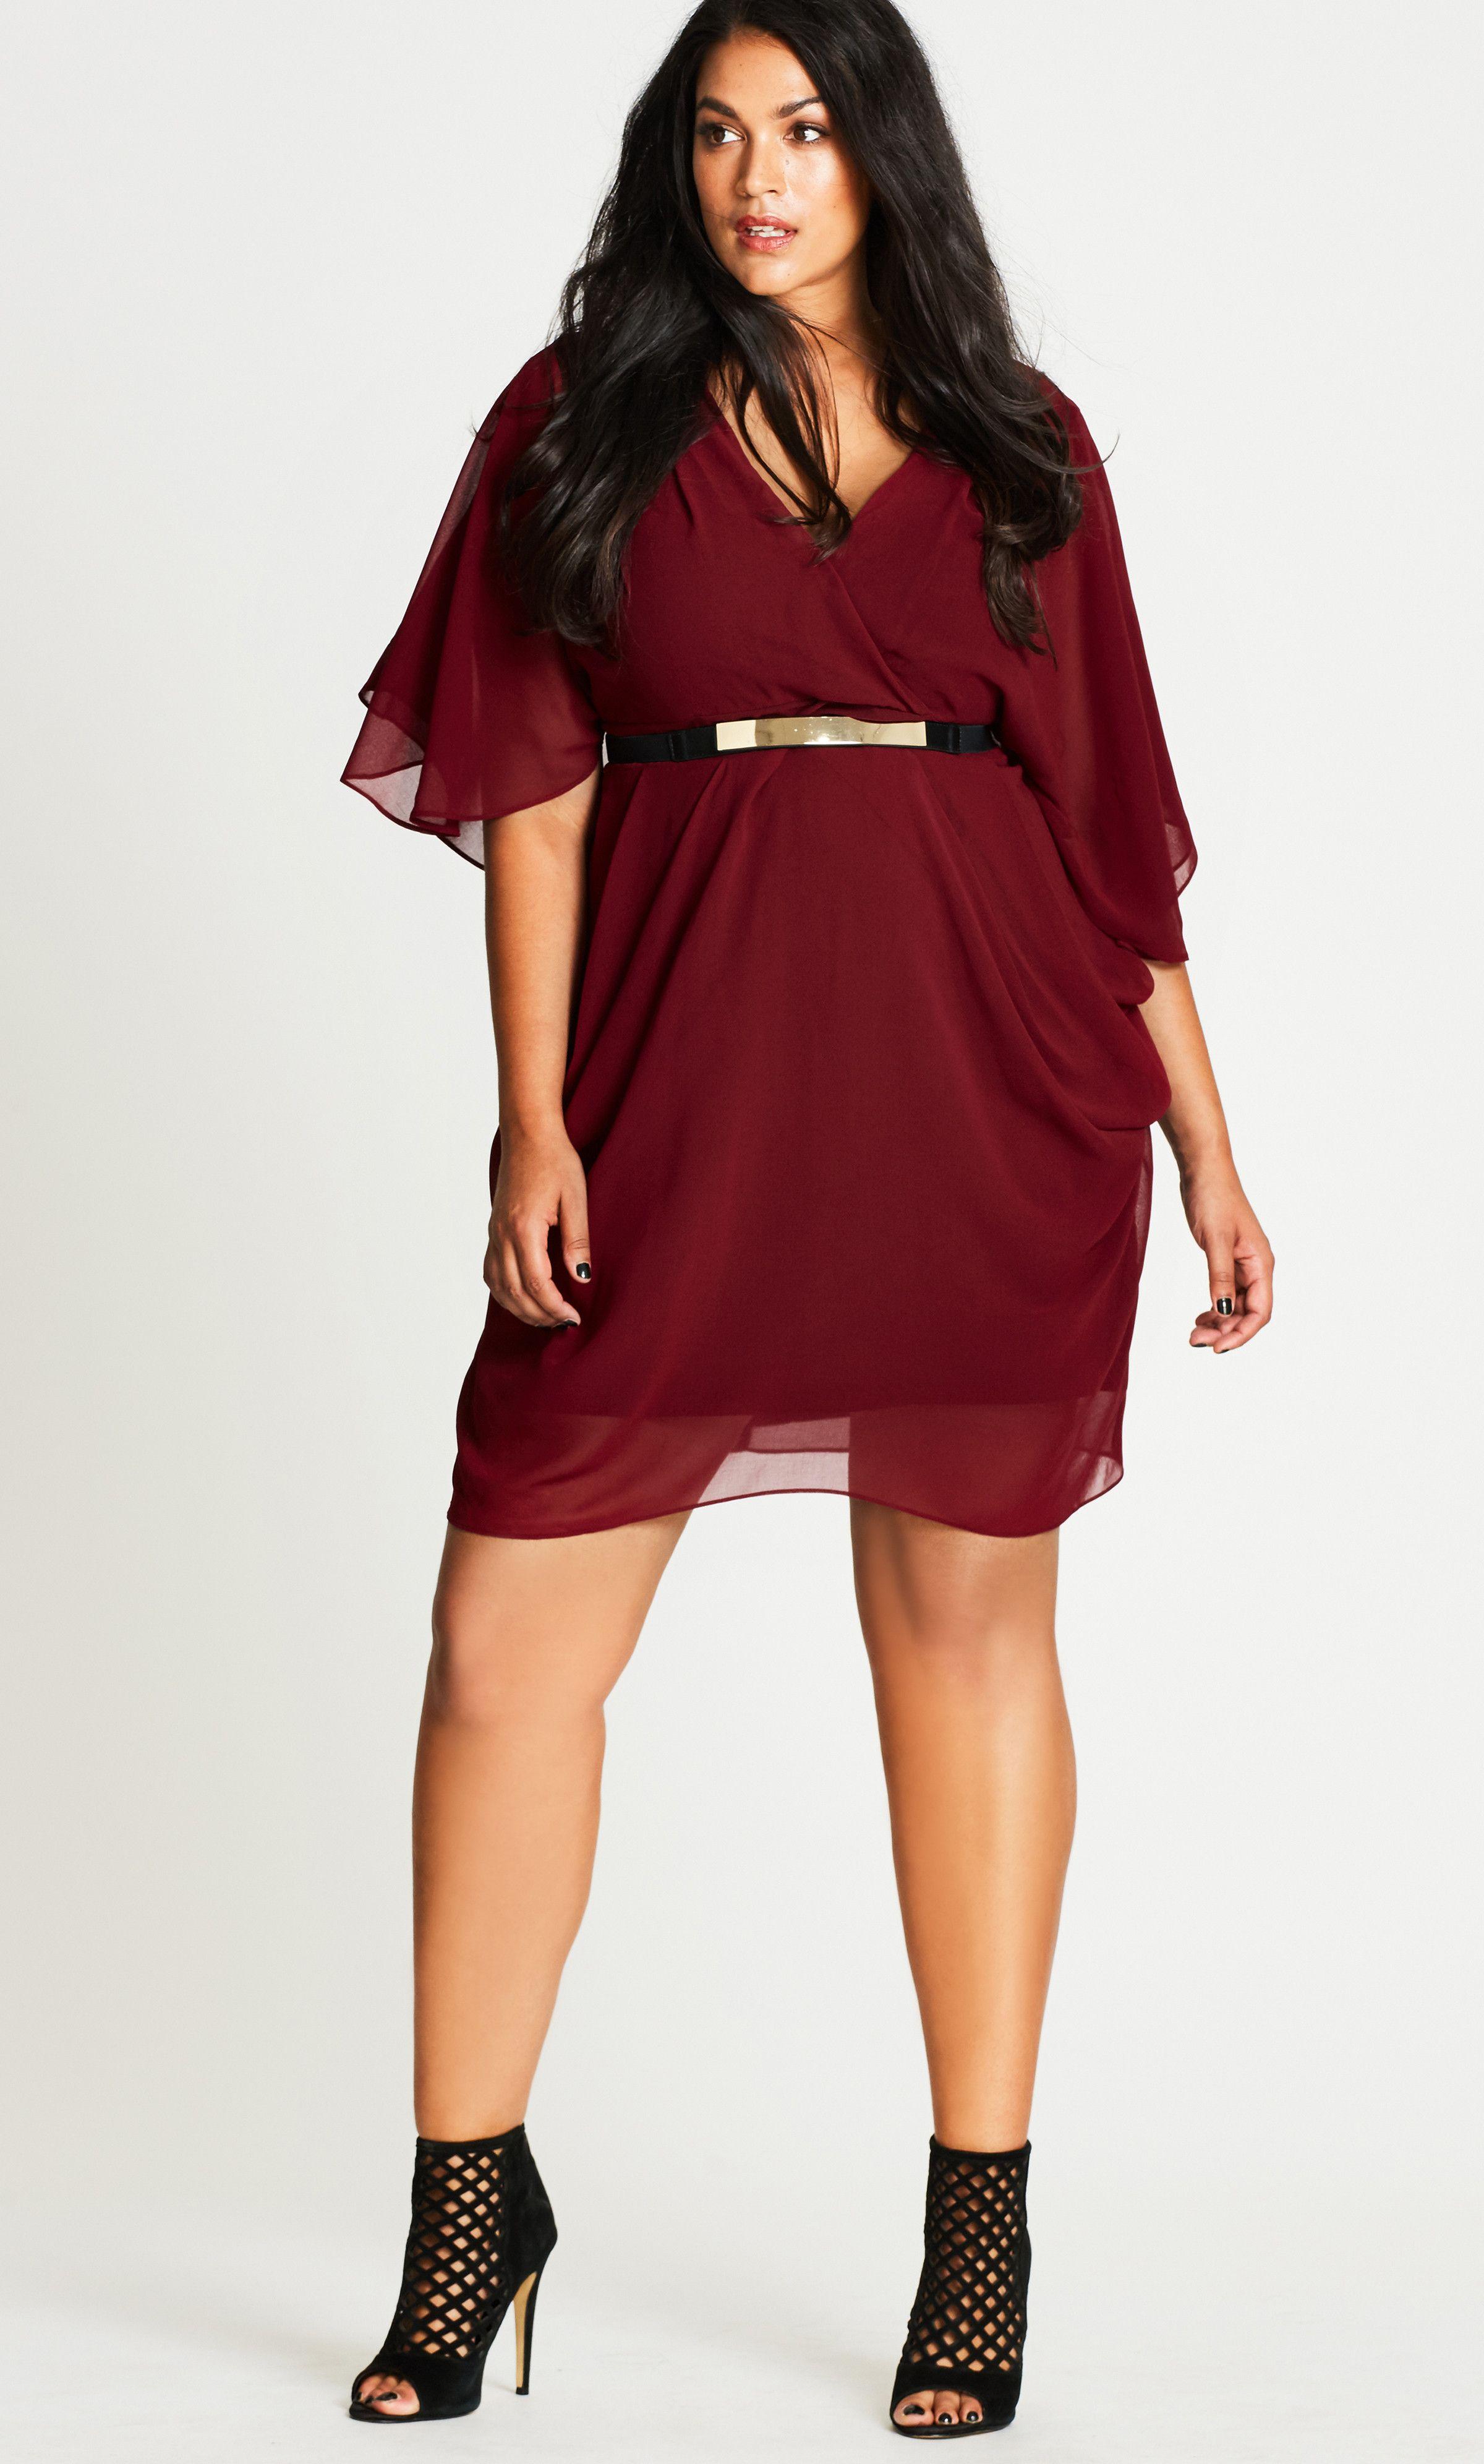 Shop Women 39 S Plus Size Women 39 S Plus Size Dress City Chic Usa Plus Size Outfits Plus Size Wedding Guest Dresses Guest Dresses [ jpg ]